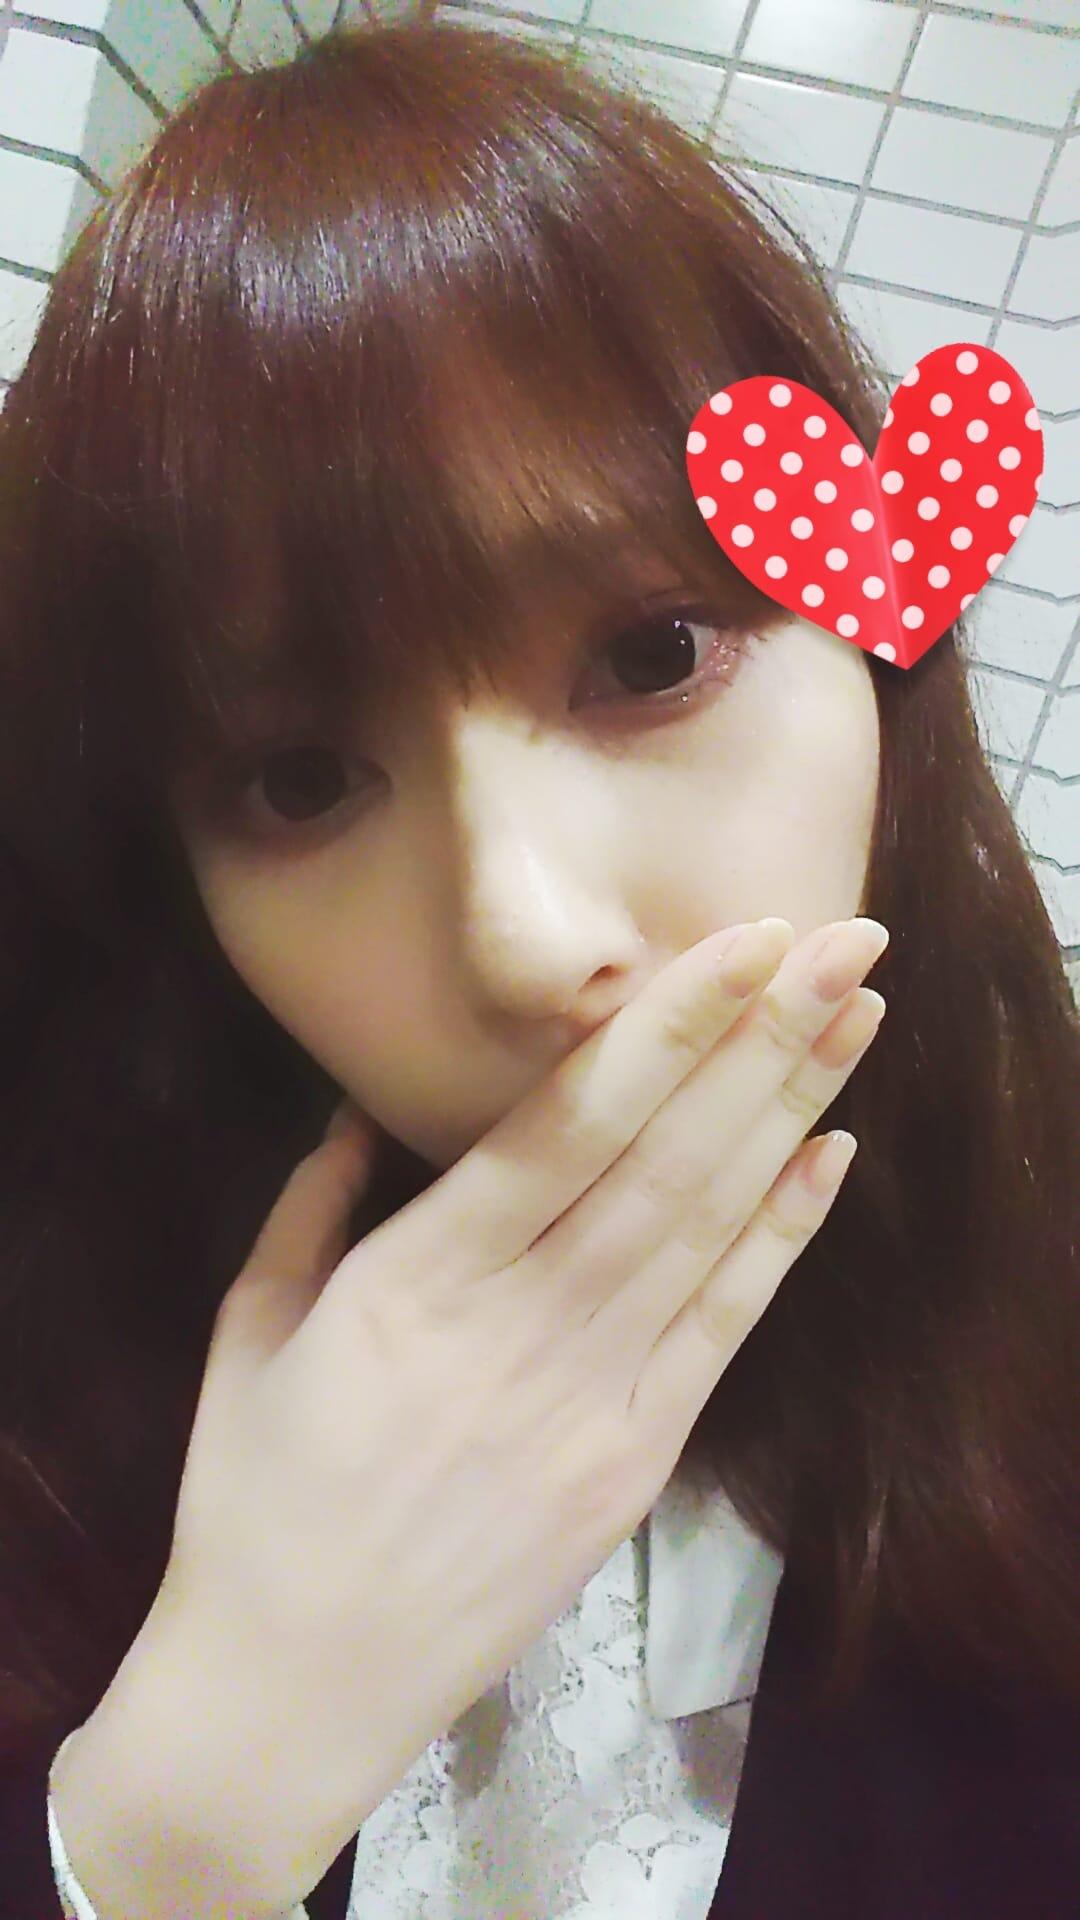 RINA【りな】「惚れ直したぜべいべ」05/14(月) 23:26 | RINA【りな】の写メ・風俗動画